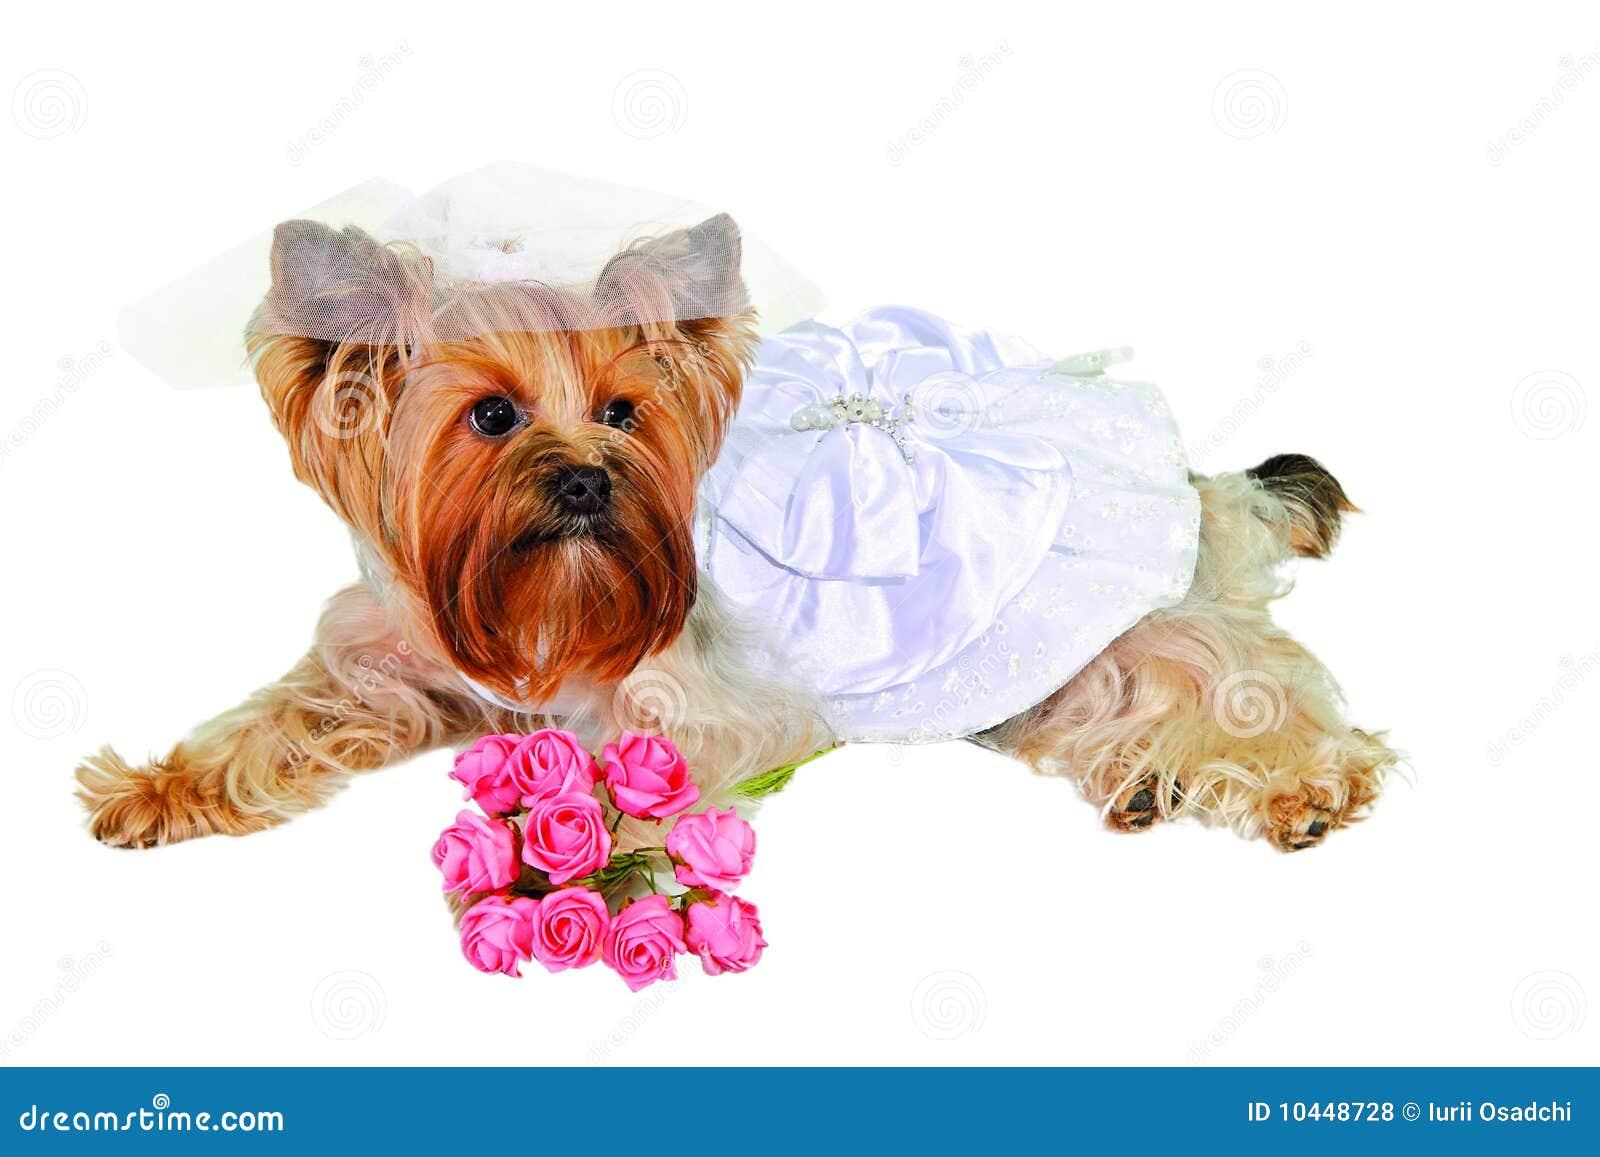 Nett Hochzeitskleid Für Hund Ideen - Hochzeit Kleid Stile Ideen ...